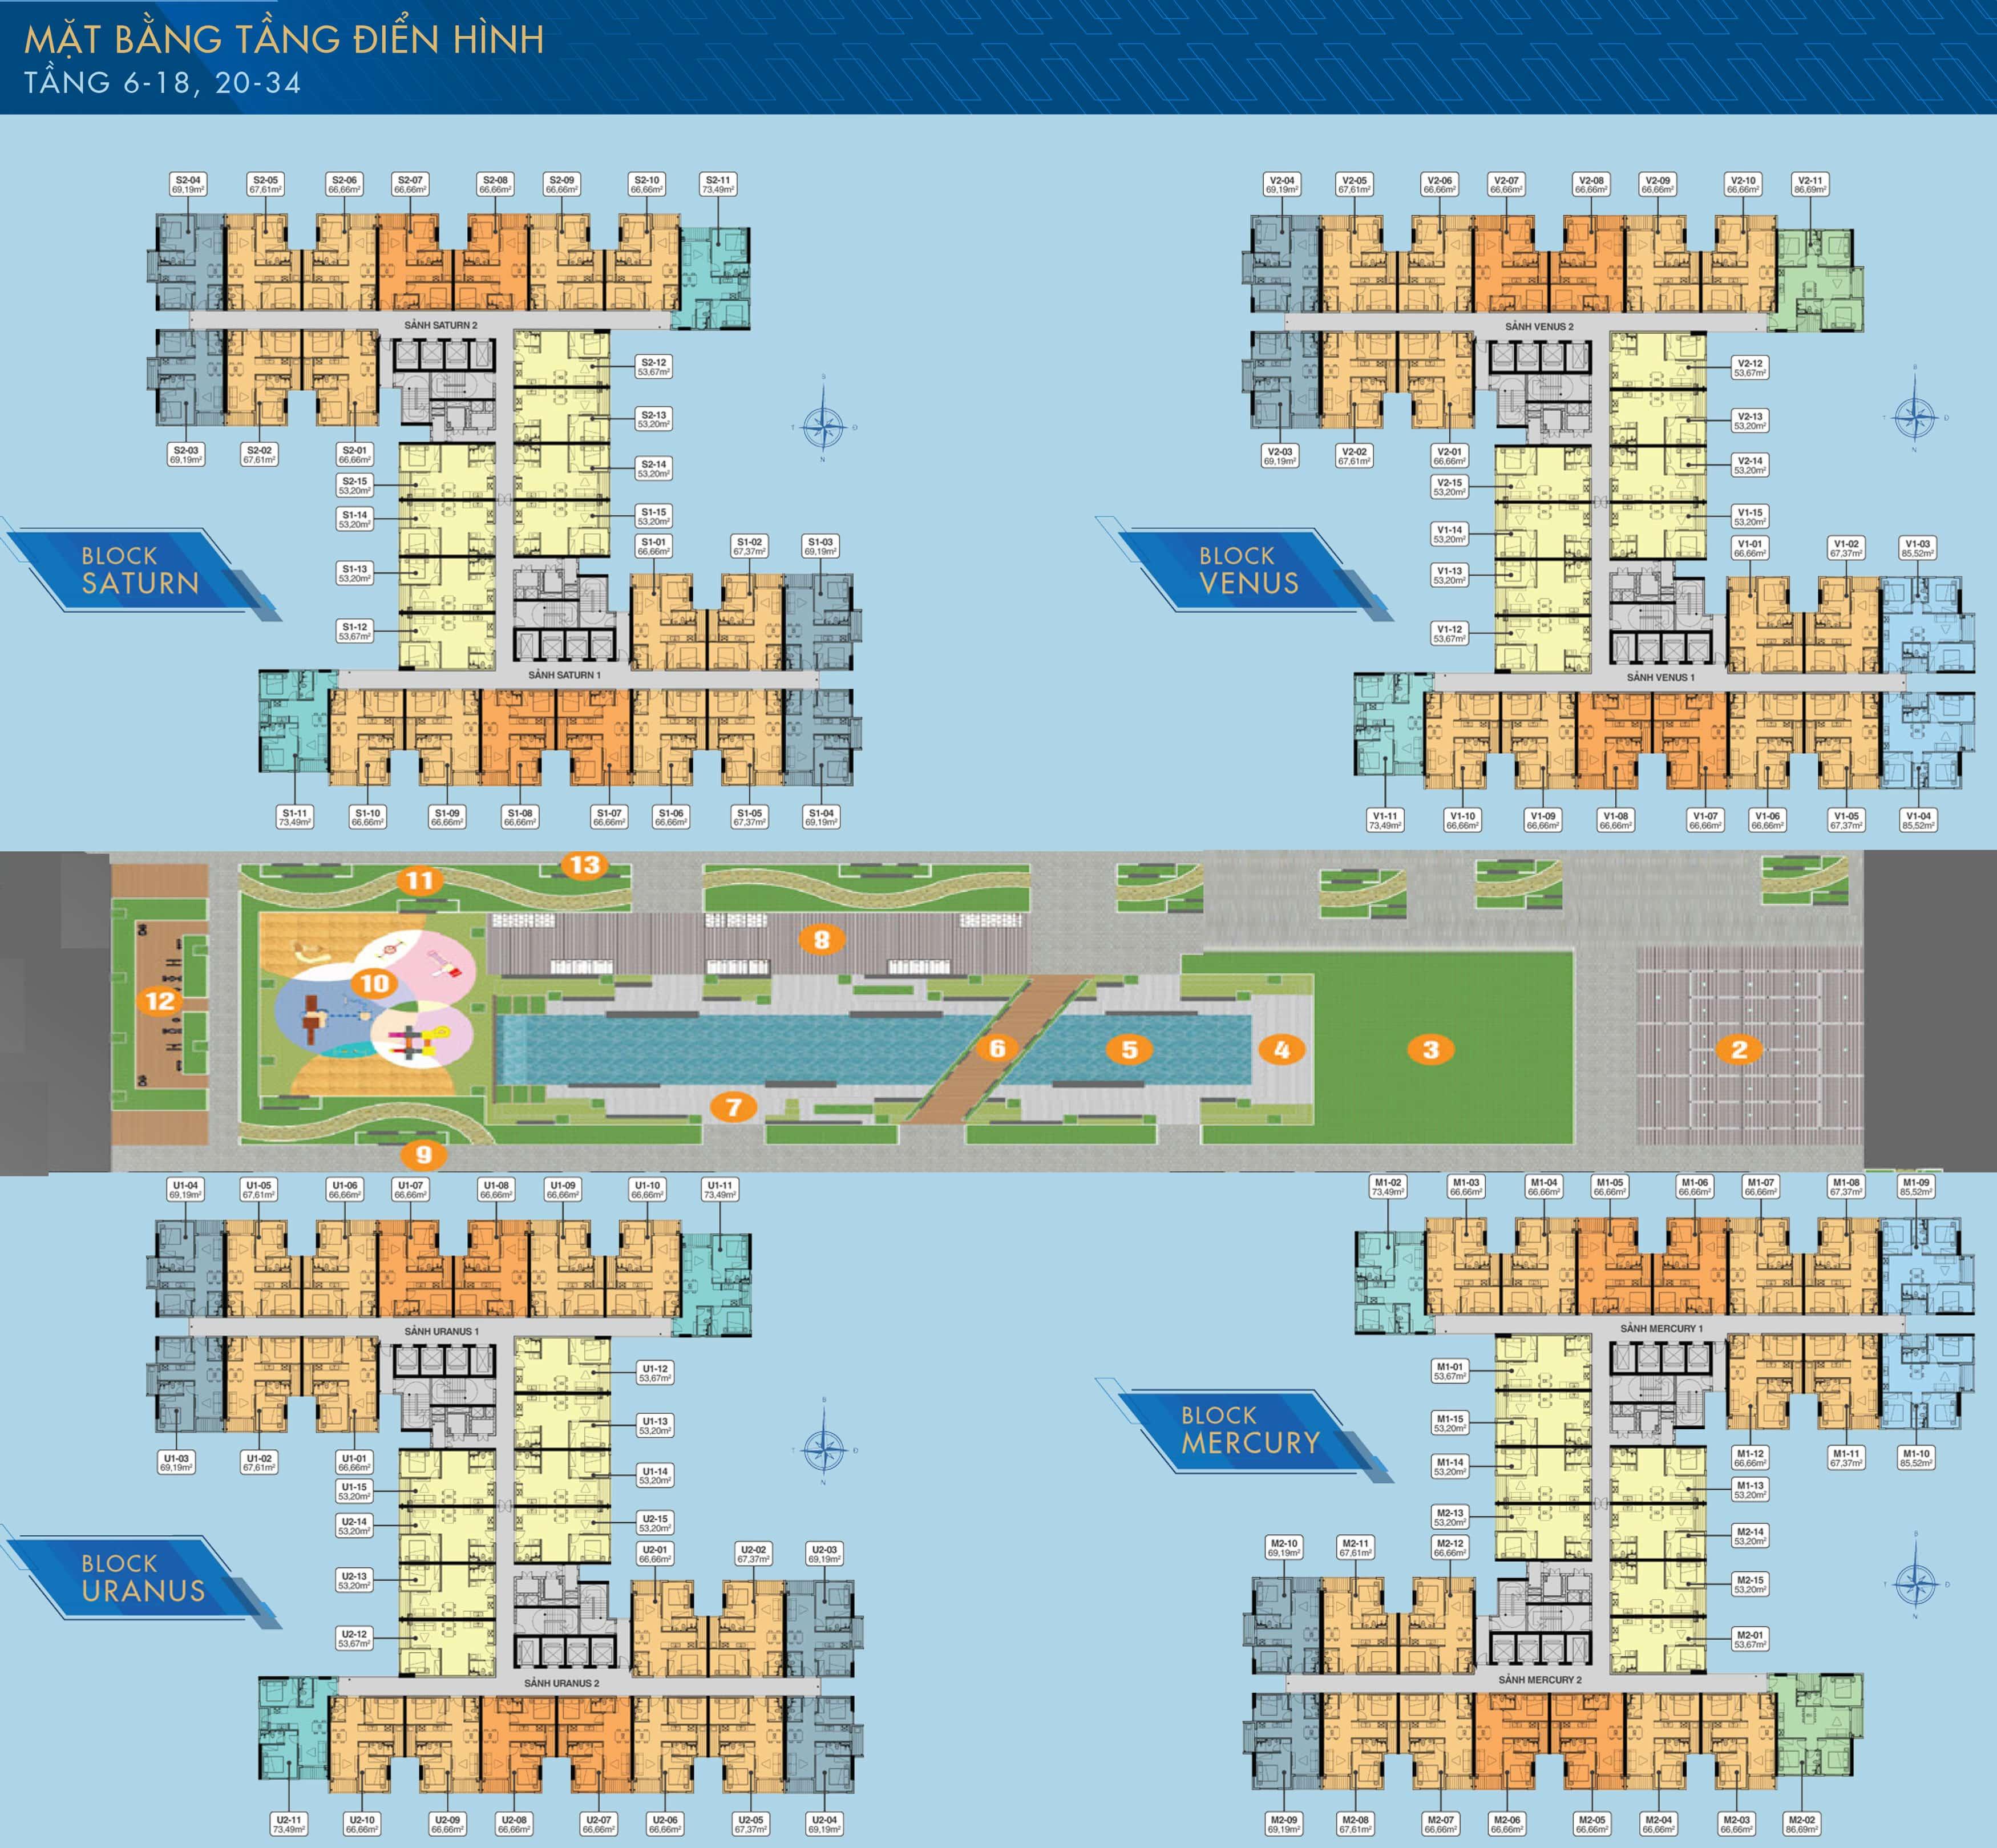 Mặt bằng tầng điển hình dự án Q7 Saigon Riverside Complex Full